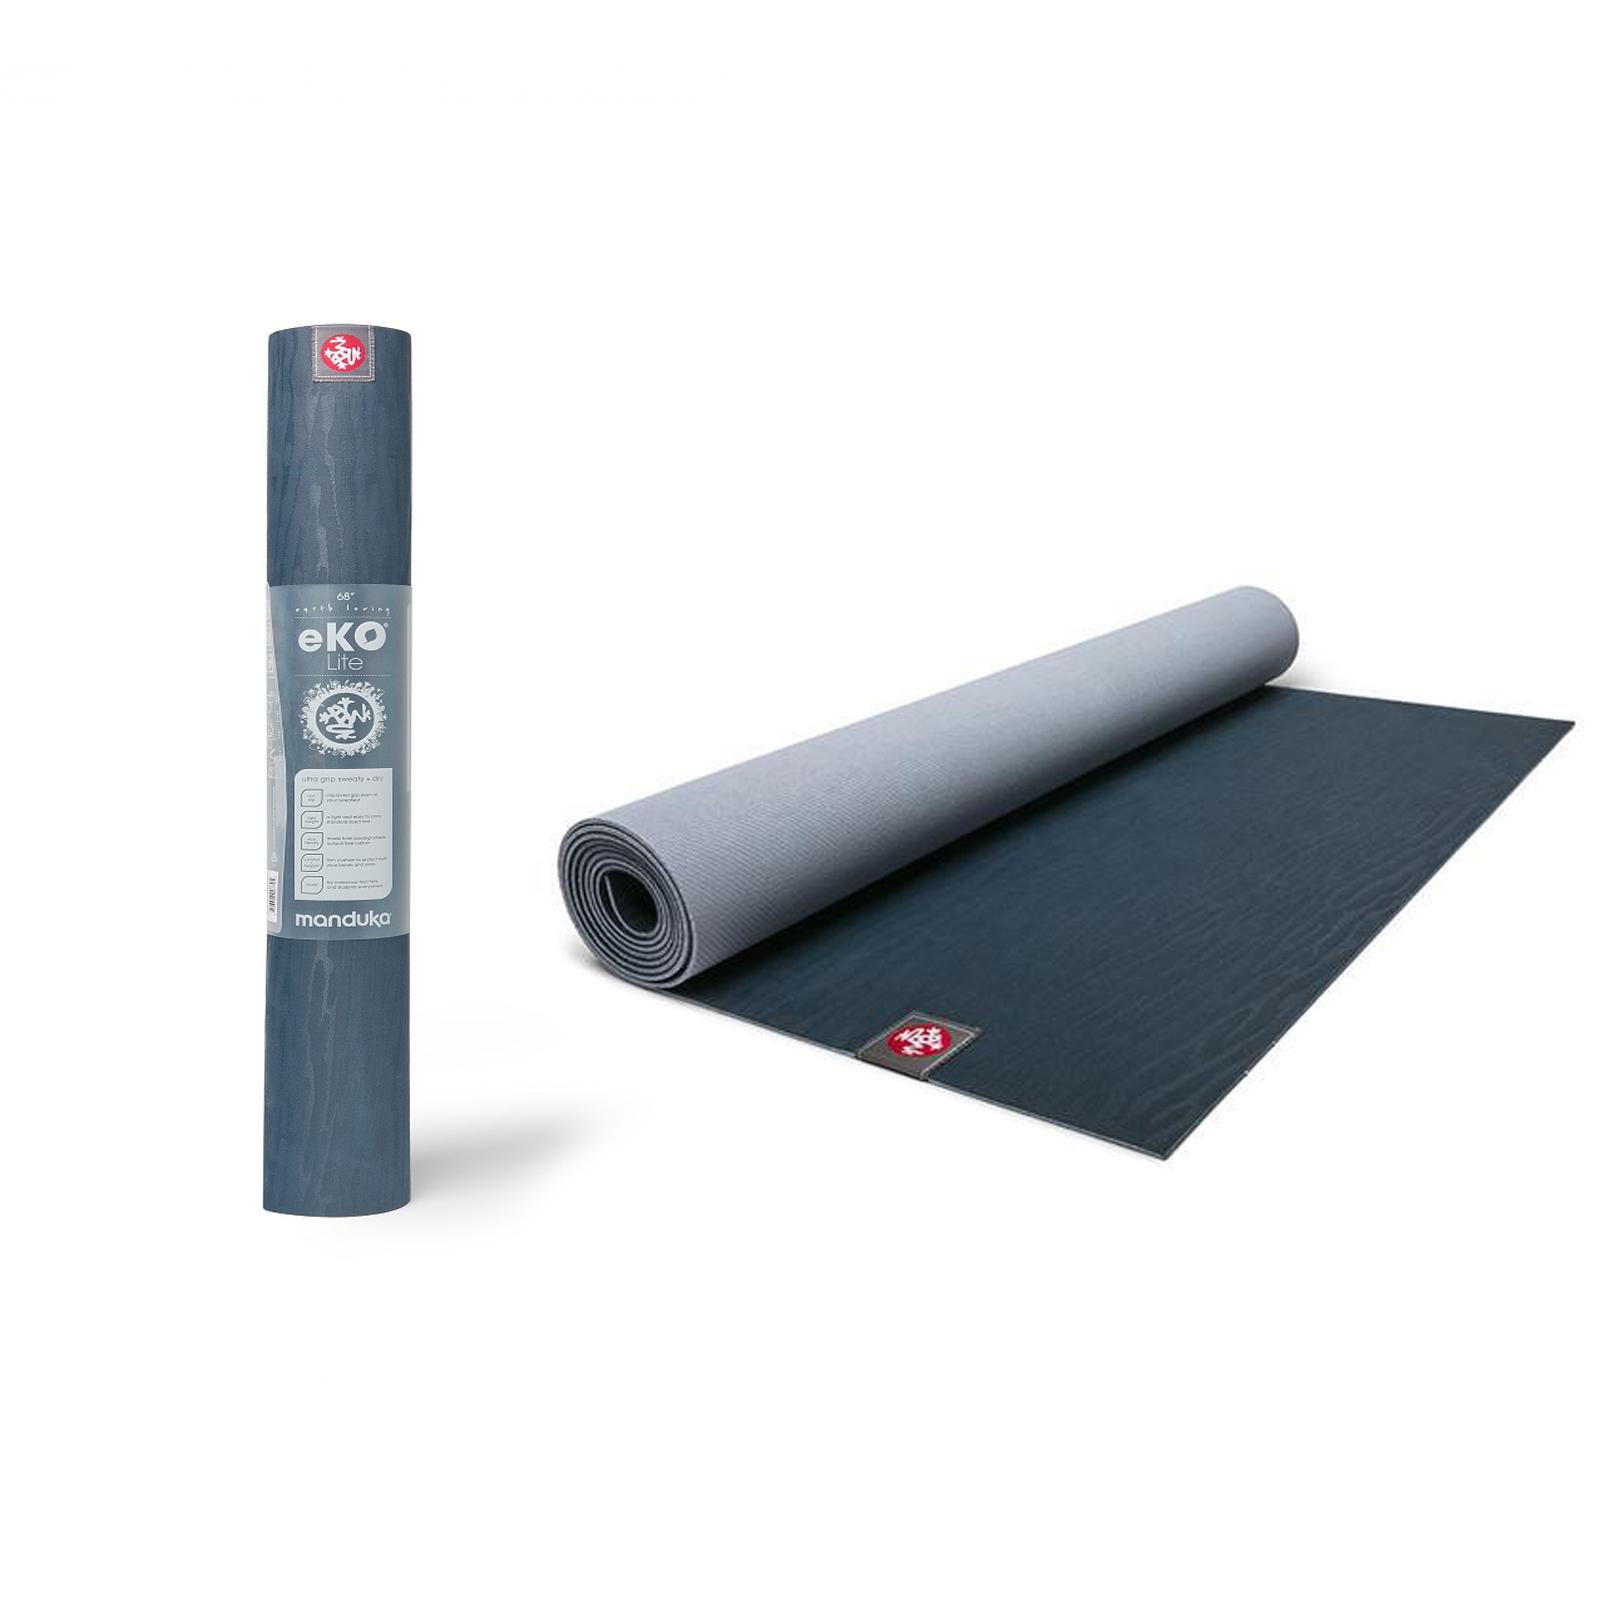 Manduka EKO Lite Exercise Fitness Gym Non Slip Light